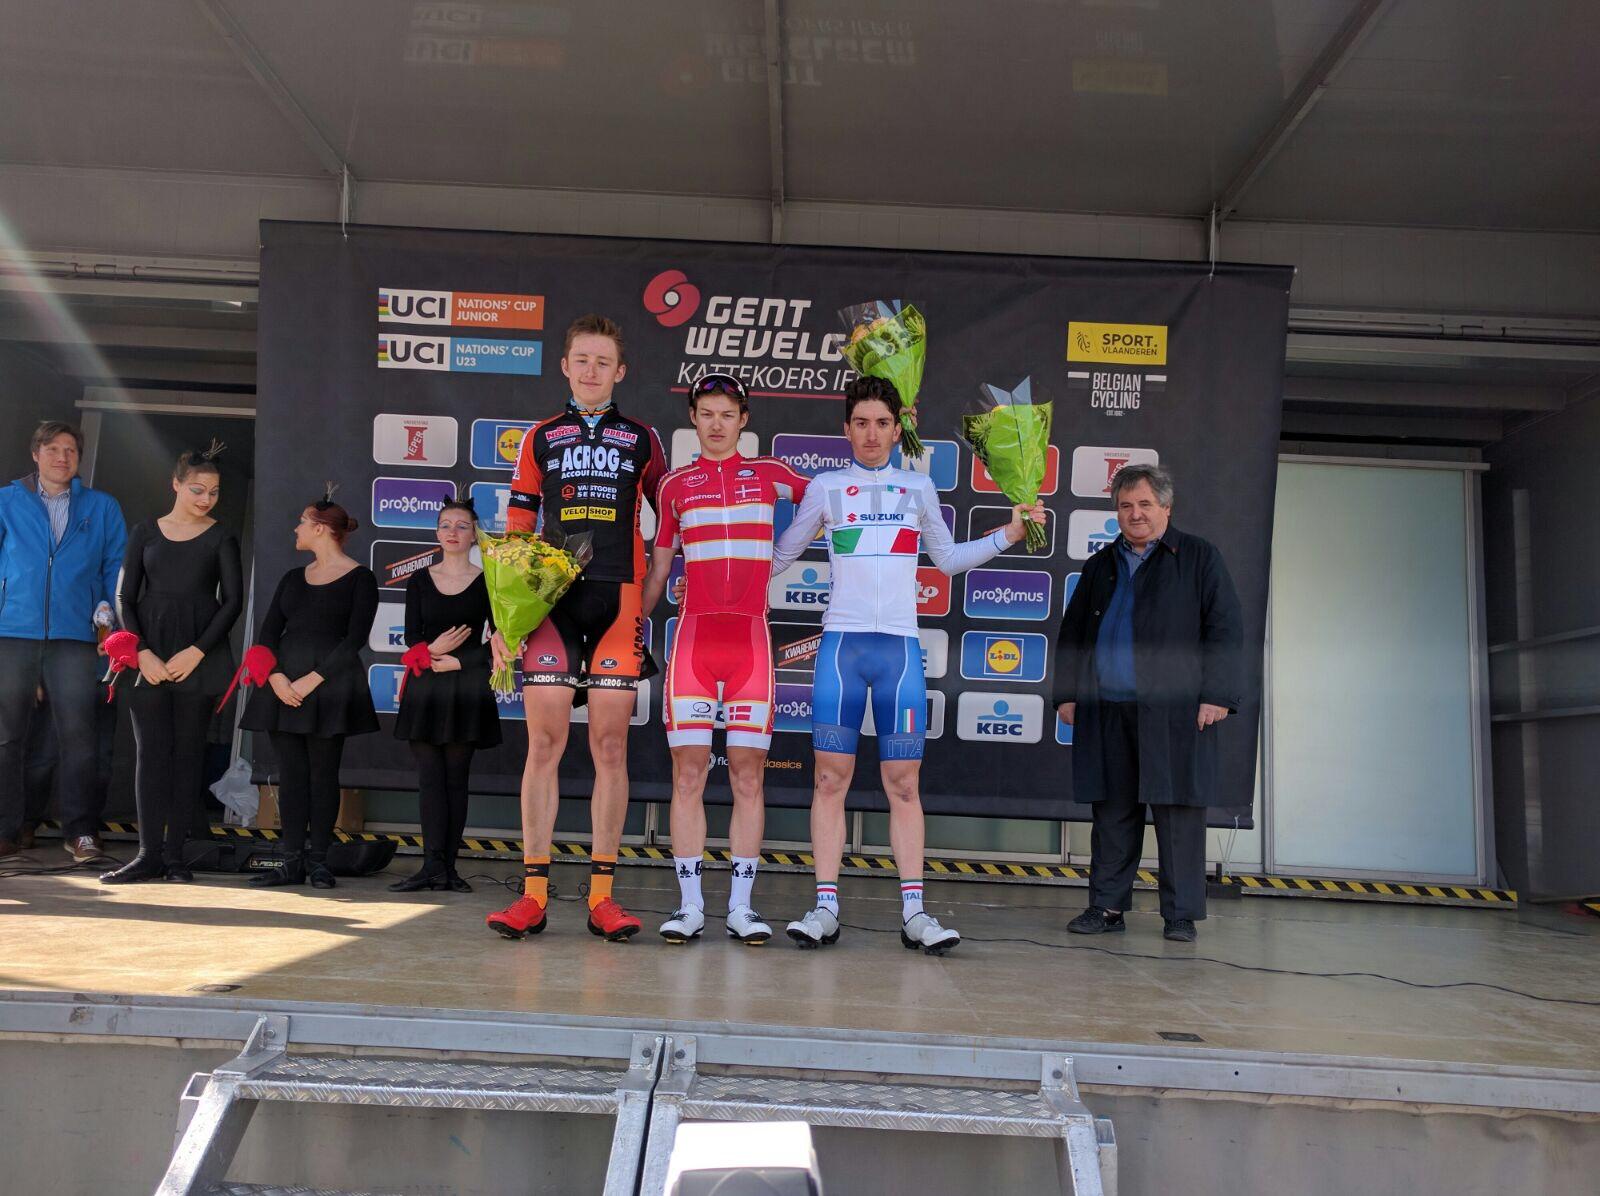 Il podio della Gand-Wevelgem Juniores 2017